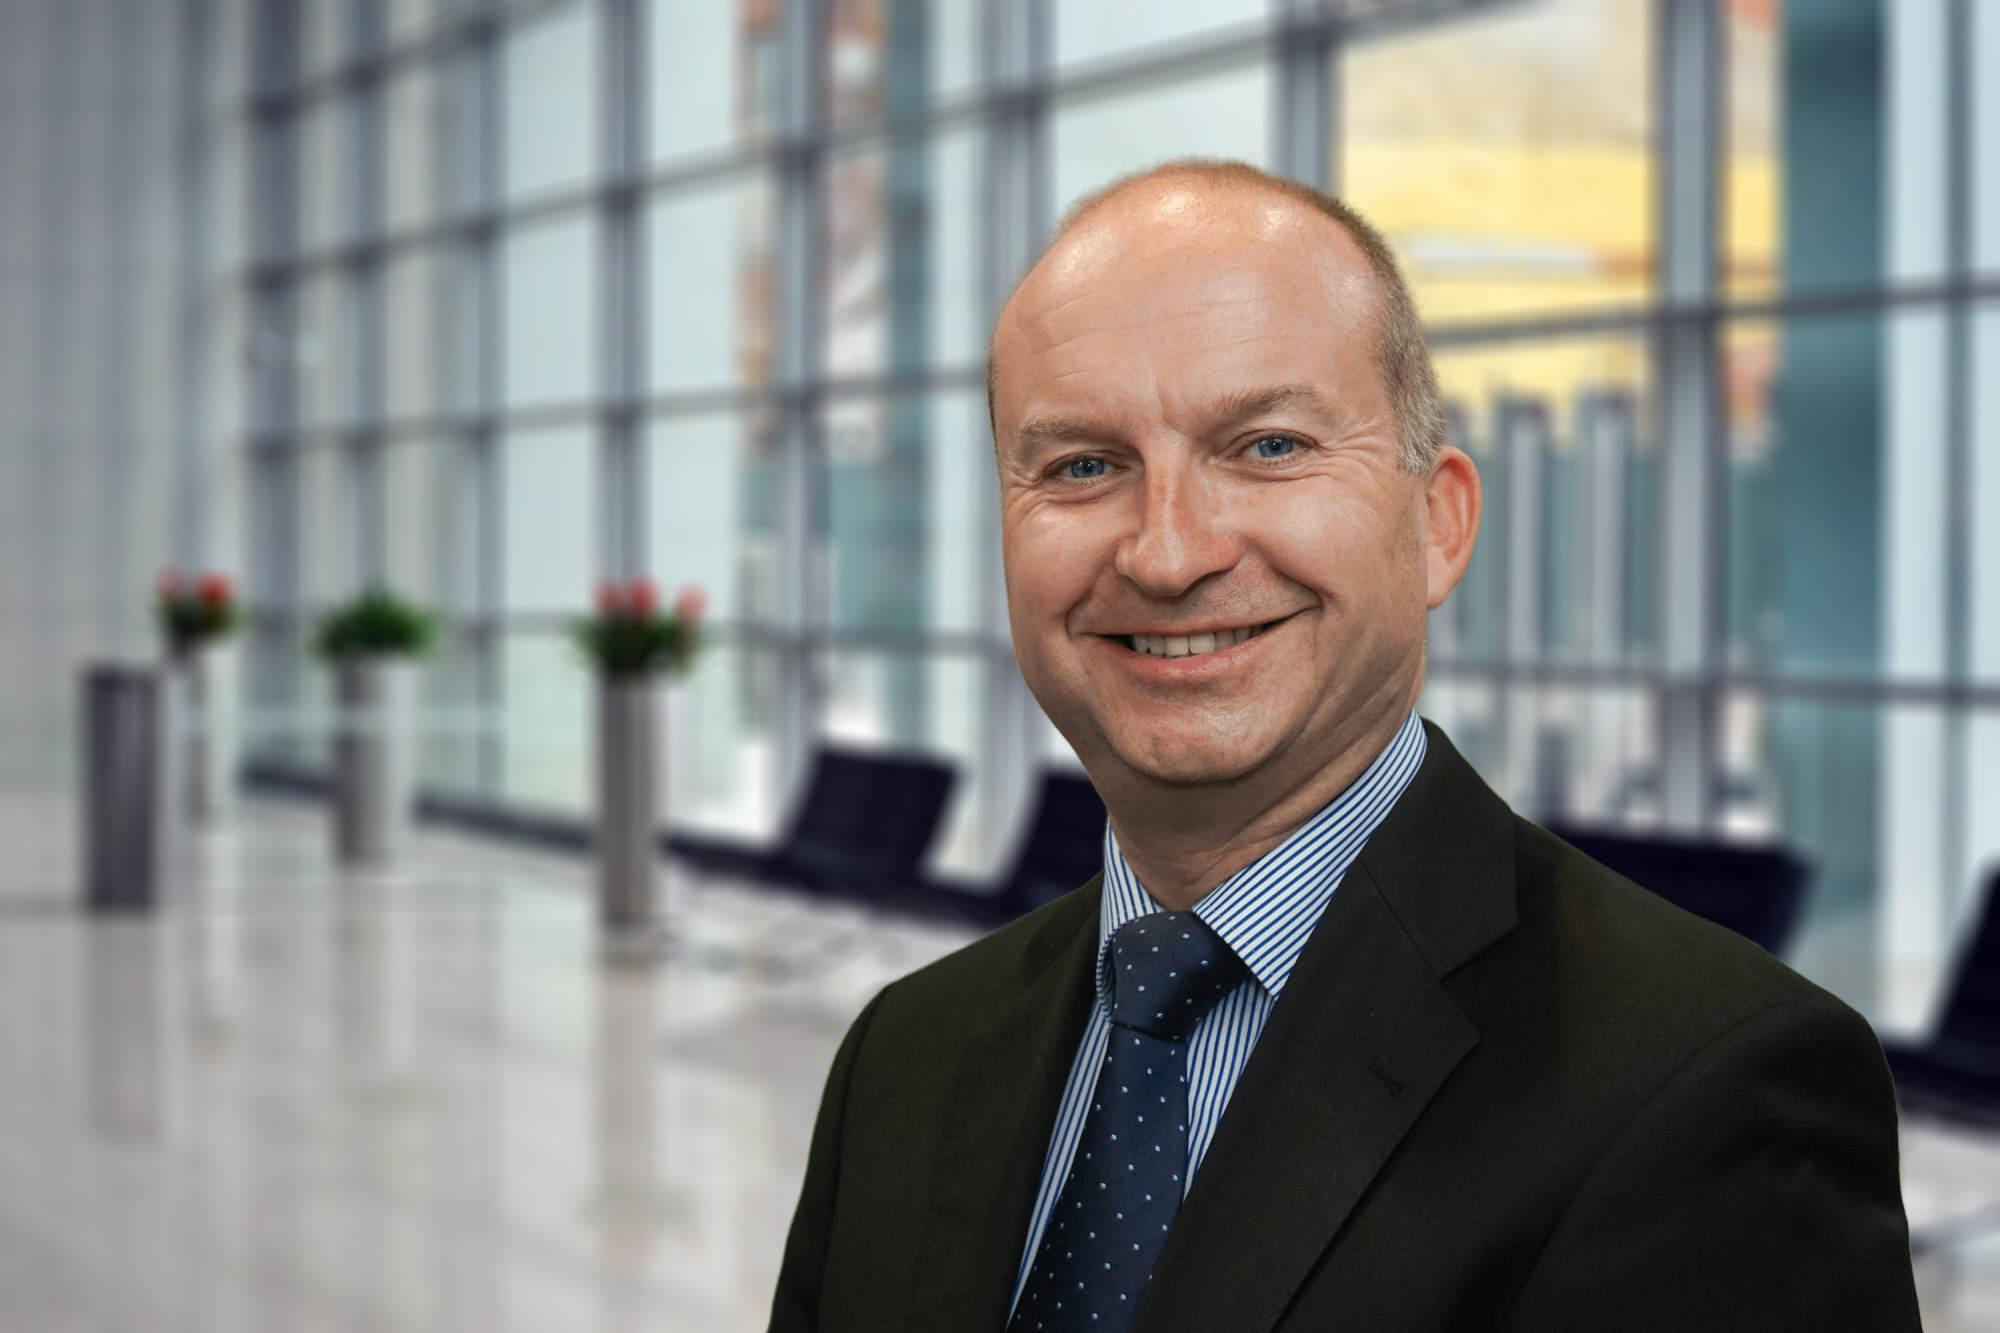 Jürgen Ehnle